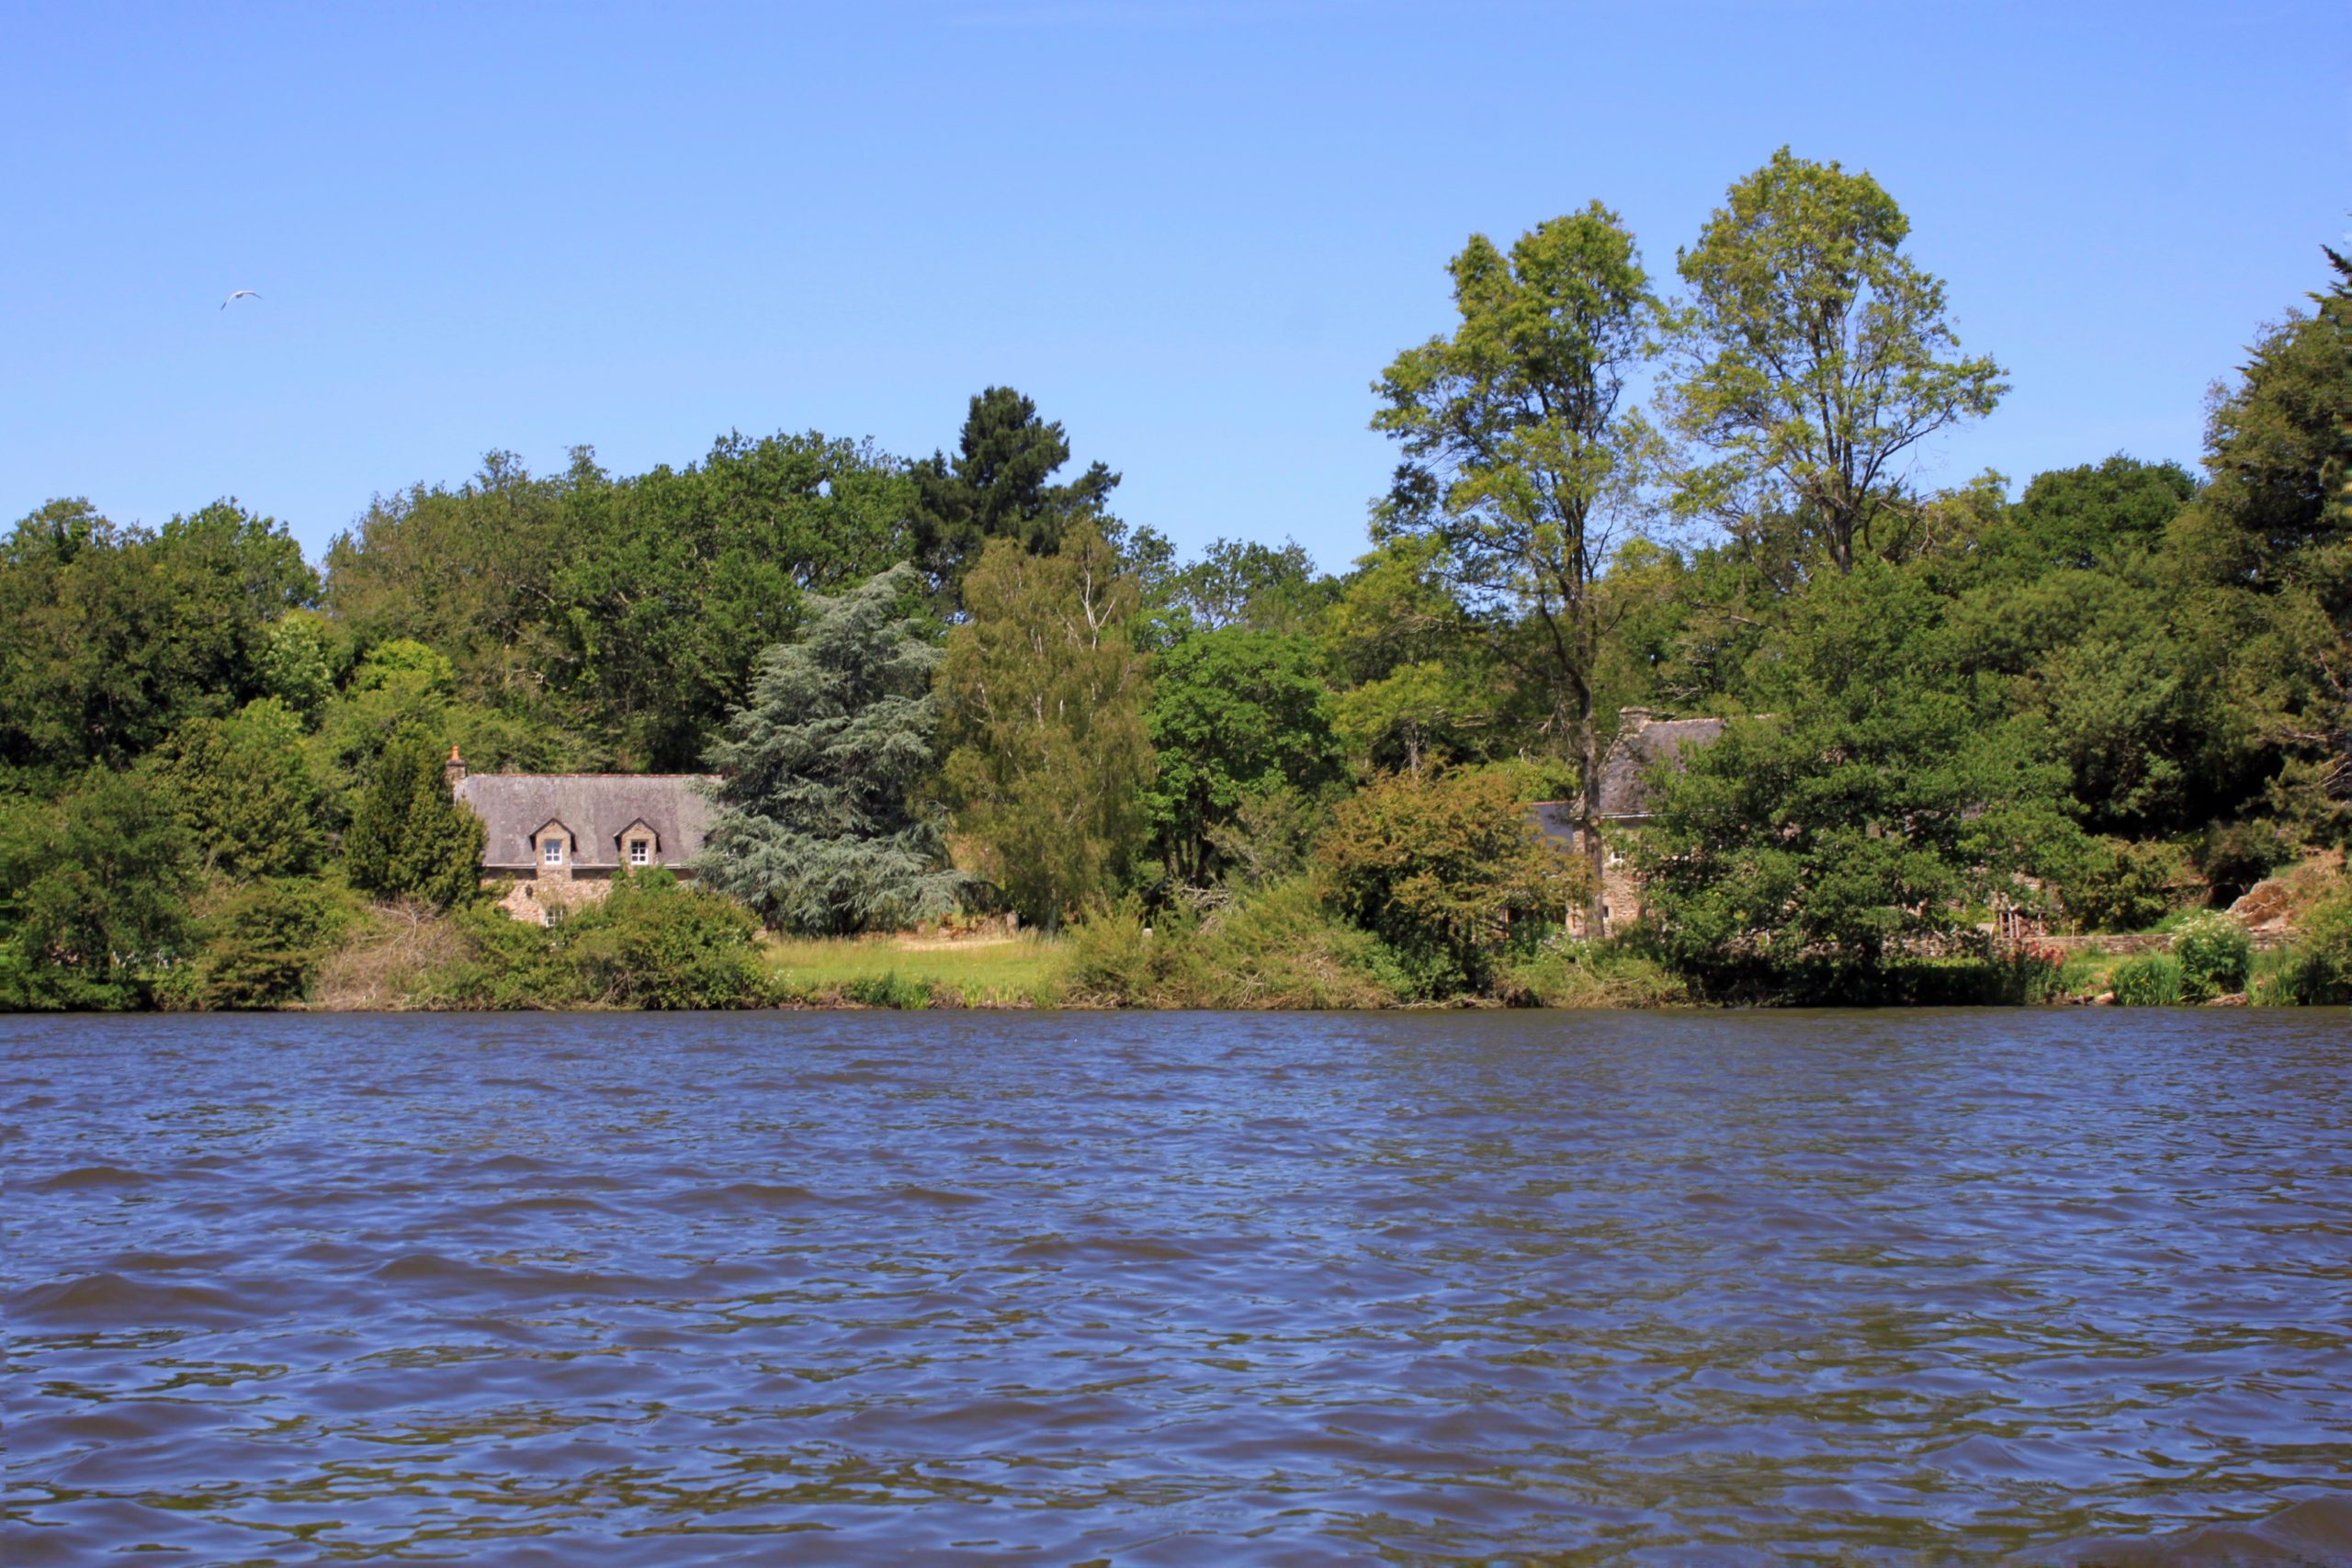 Découvrir la Vilaine : du port de la Ville-Aubin au barrage d'Arzal